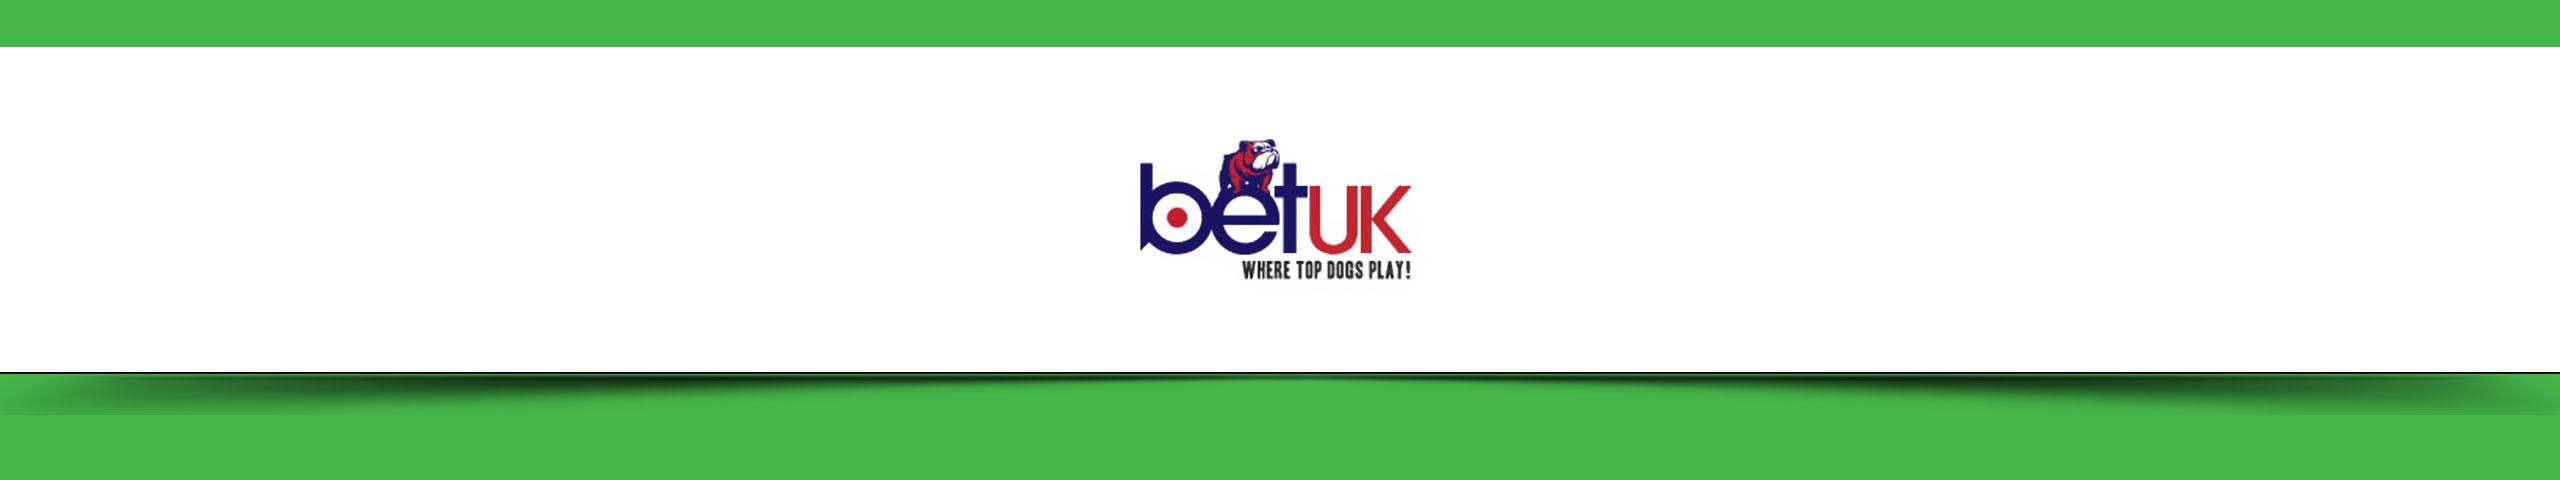 Vizualizarea Cazinoului BetUk - Multabafta.com Slider